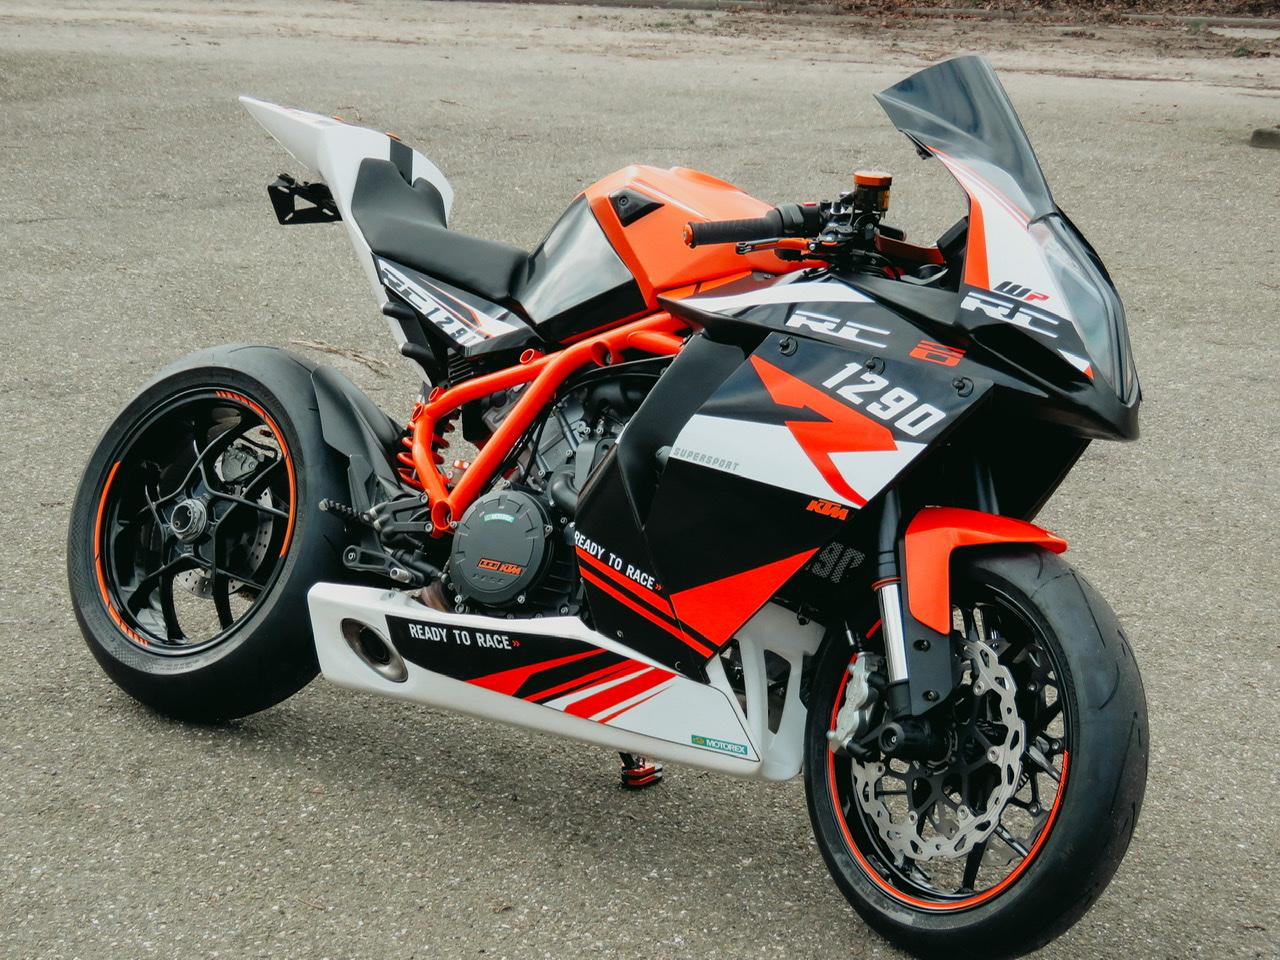 KTM 1290 RC8 R, la que podría ser la soñada nueva Superbike austriaca